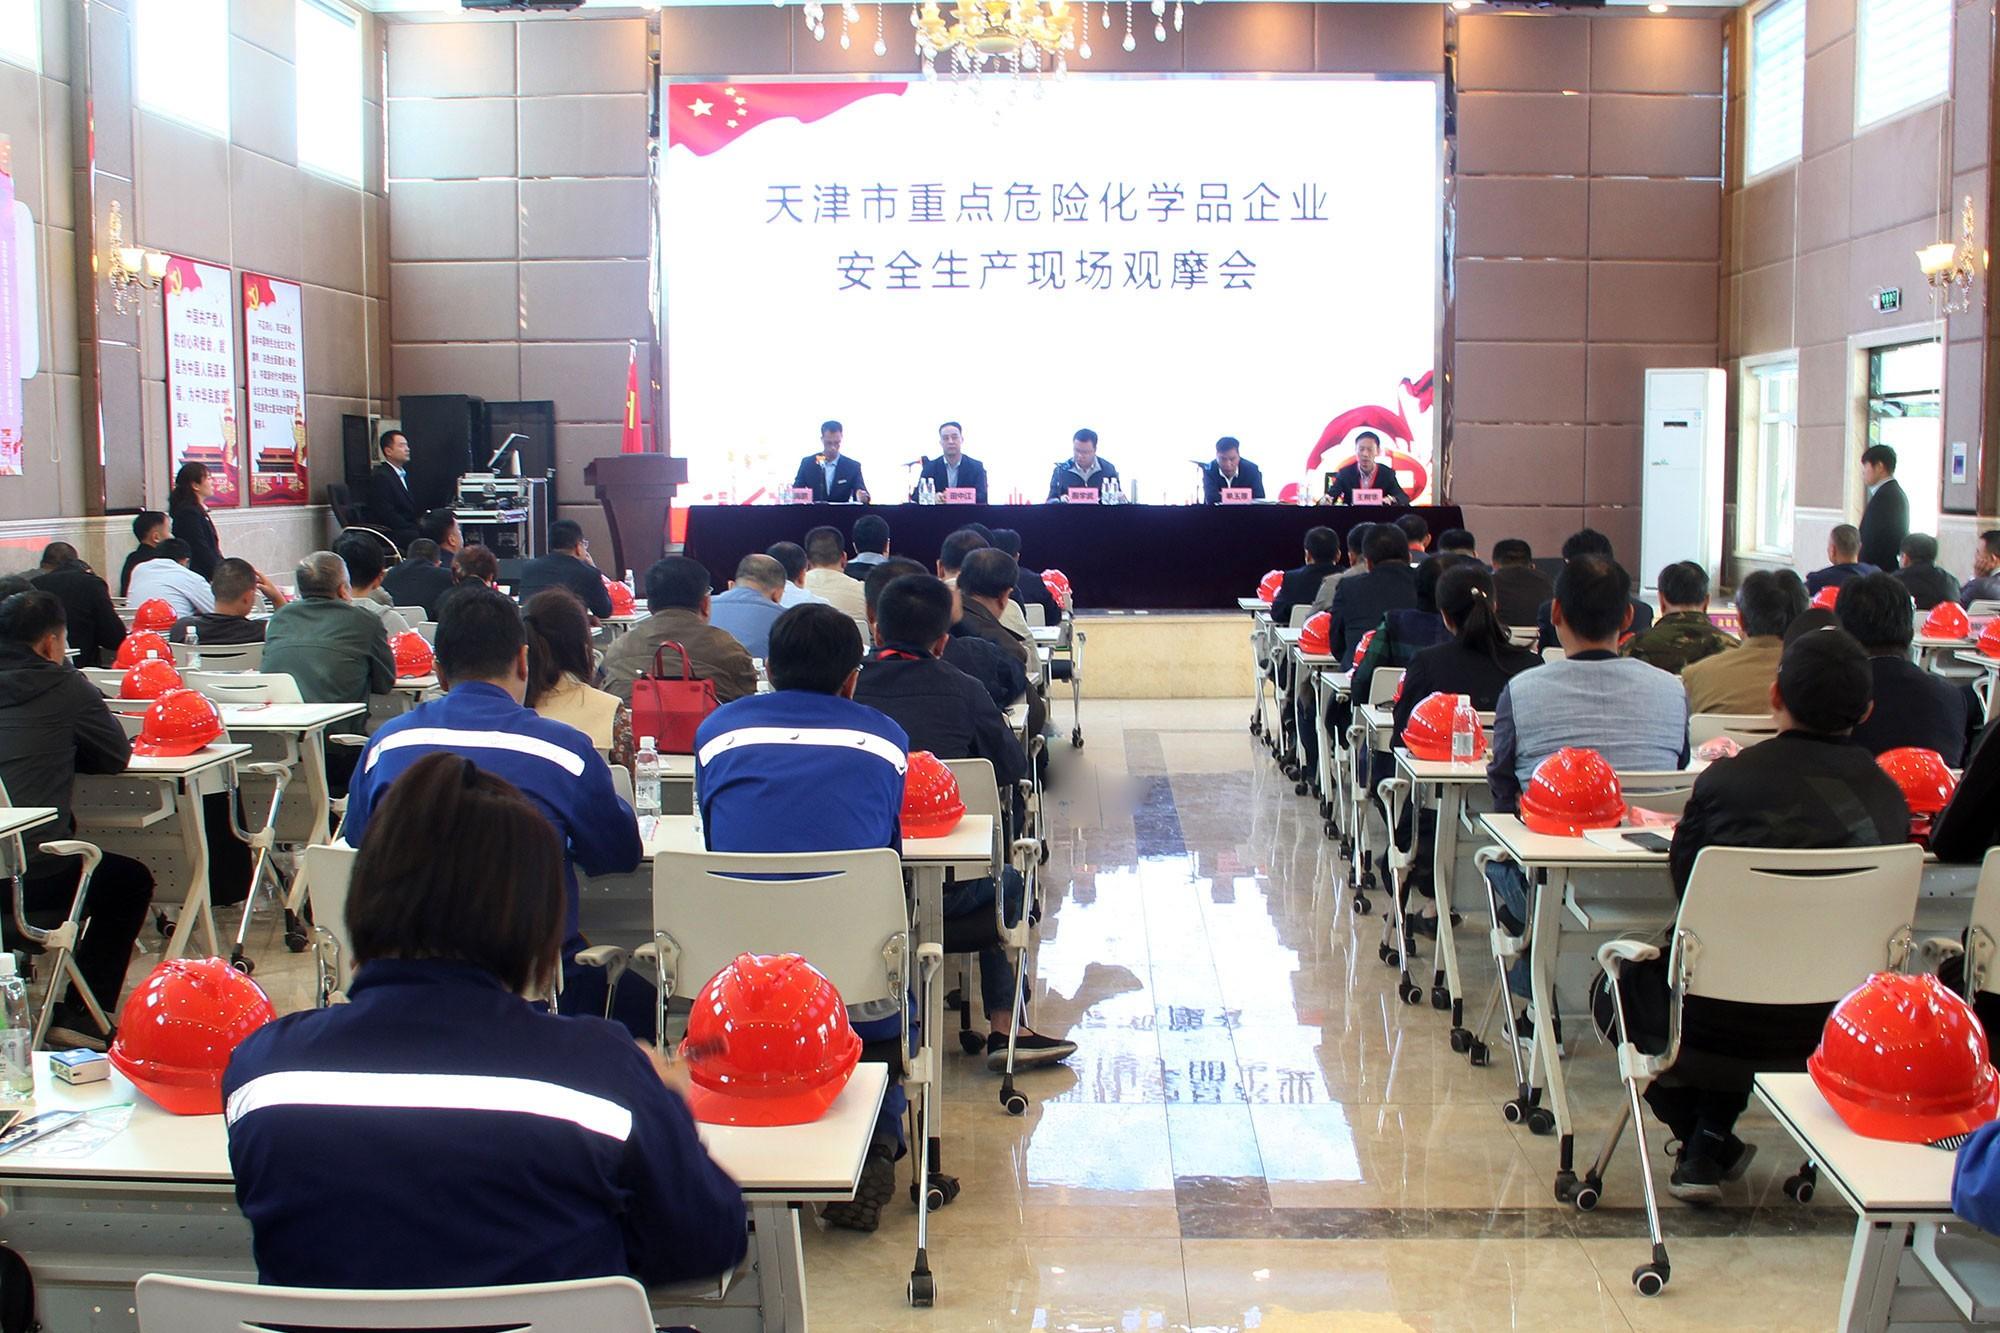 天津市重點危險化學品企業安全生產現場觀摩會在科邁天津工廠召開